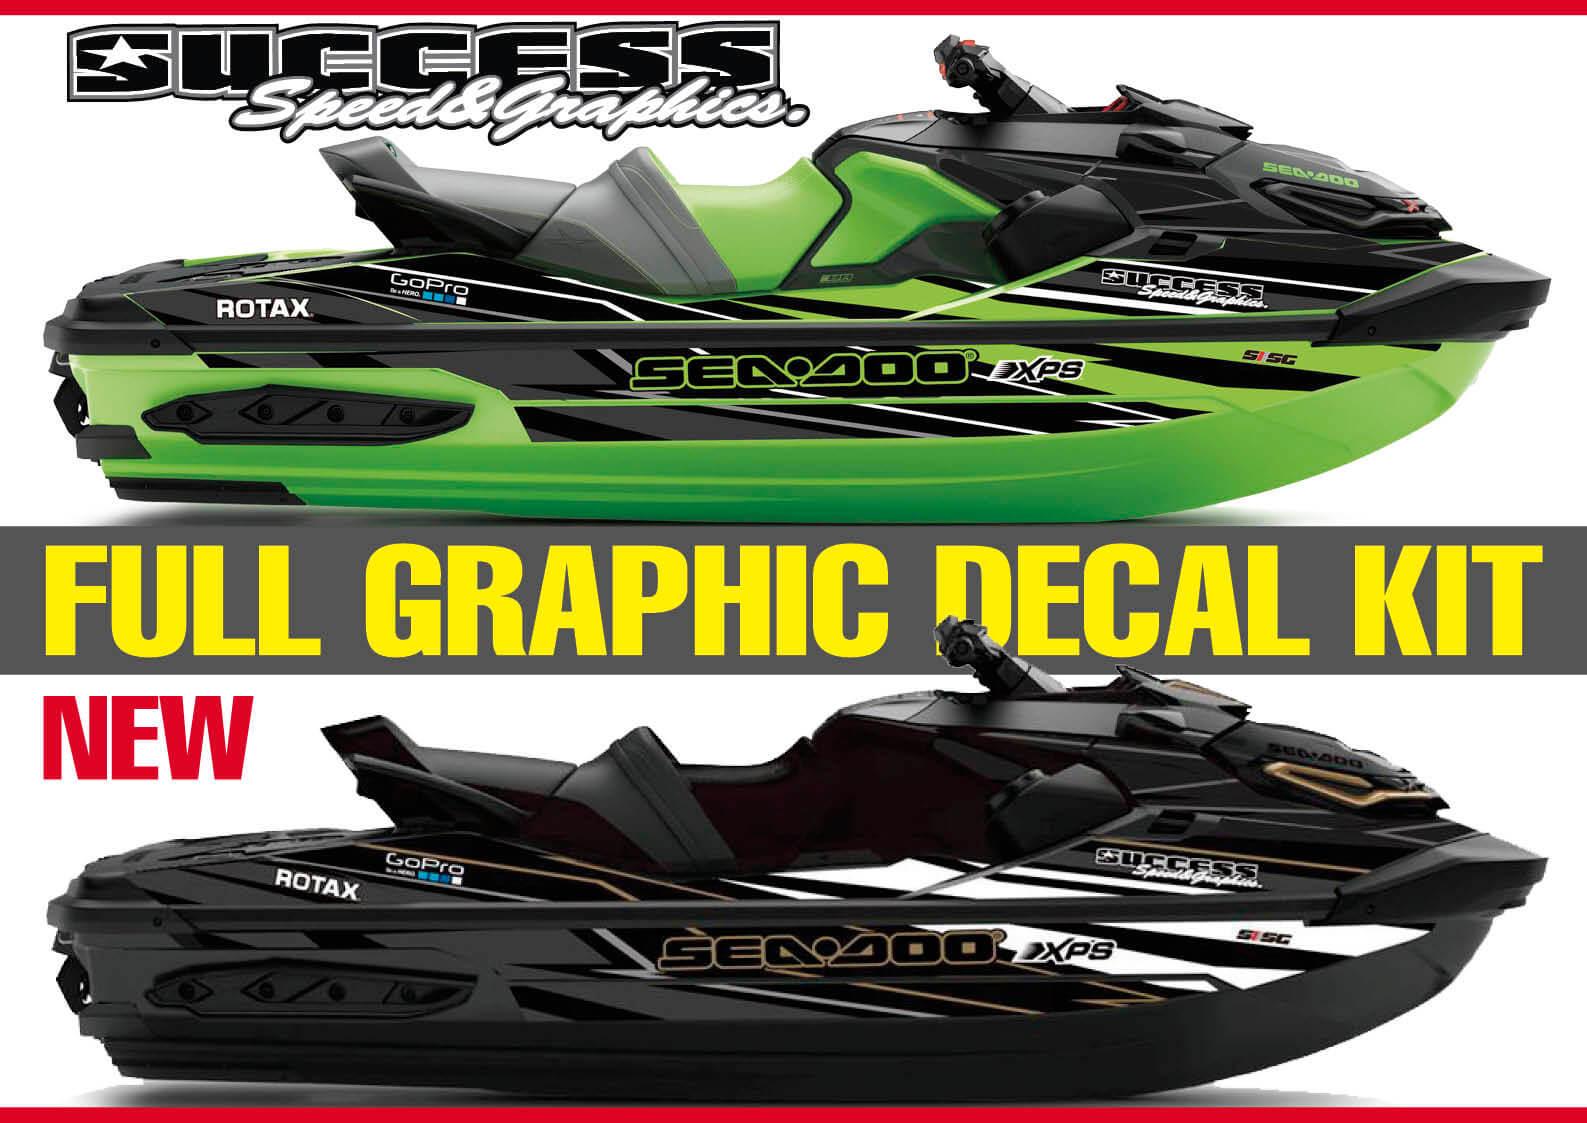 【新製品】サクセススピード&グラフィックス 新しいグラフィックデカール発売  ジェットスキー(水上バイク)